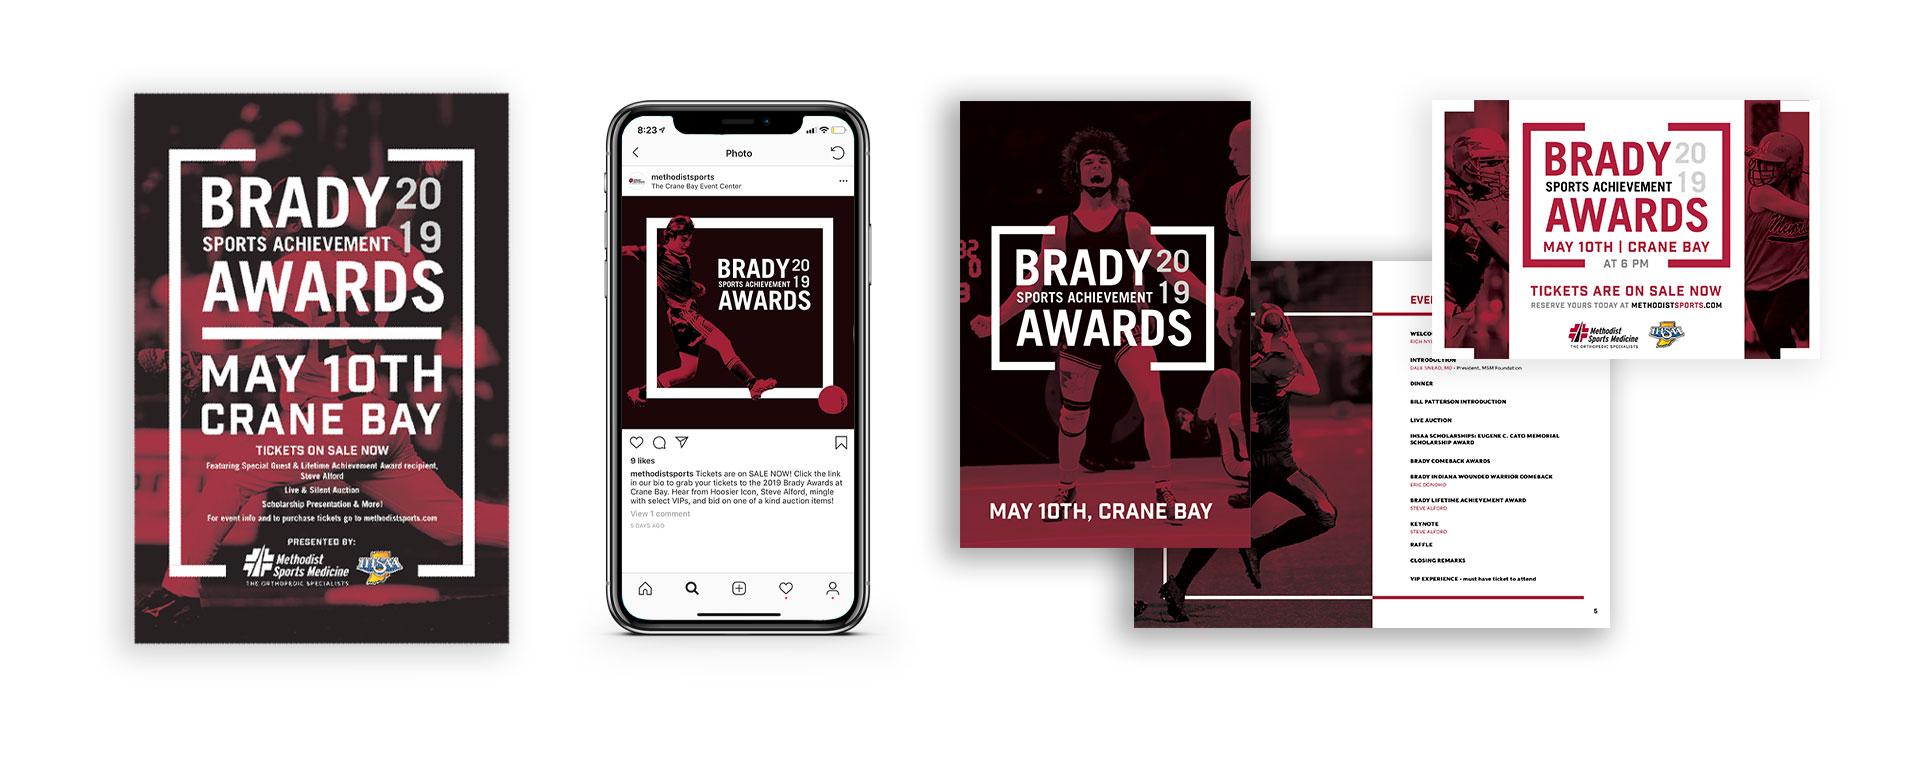 BA CaseStudy Pics2 2019 Brady Sports Achievement Awards